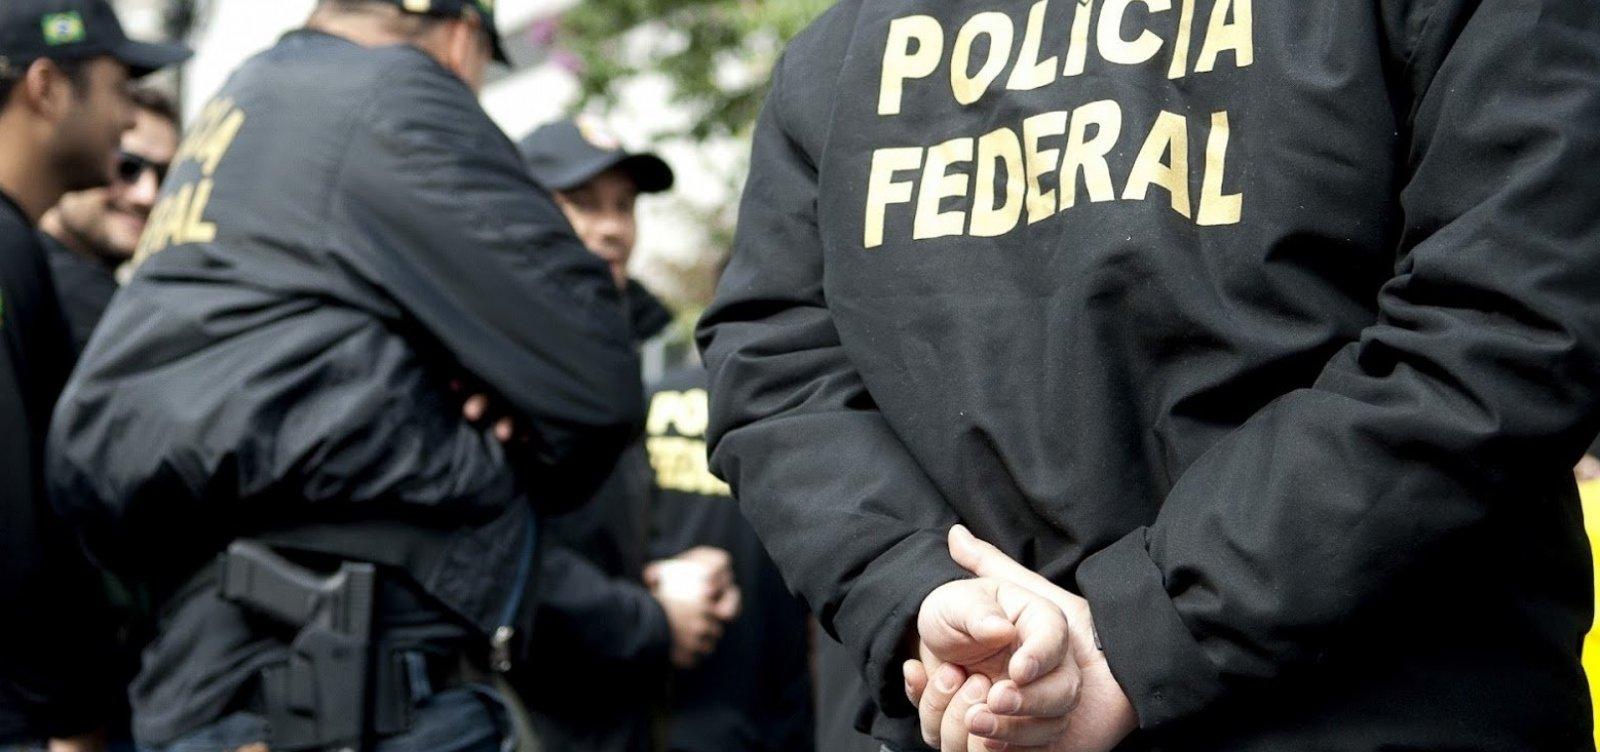 PF frustra planos de facção que pretendia explodir presídios federais